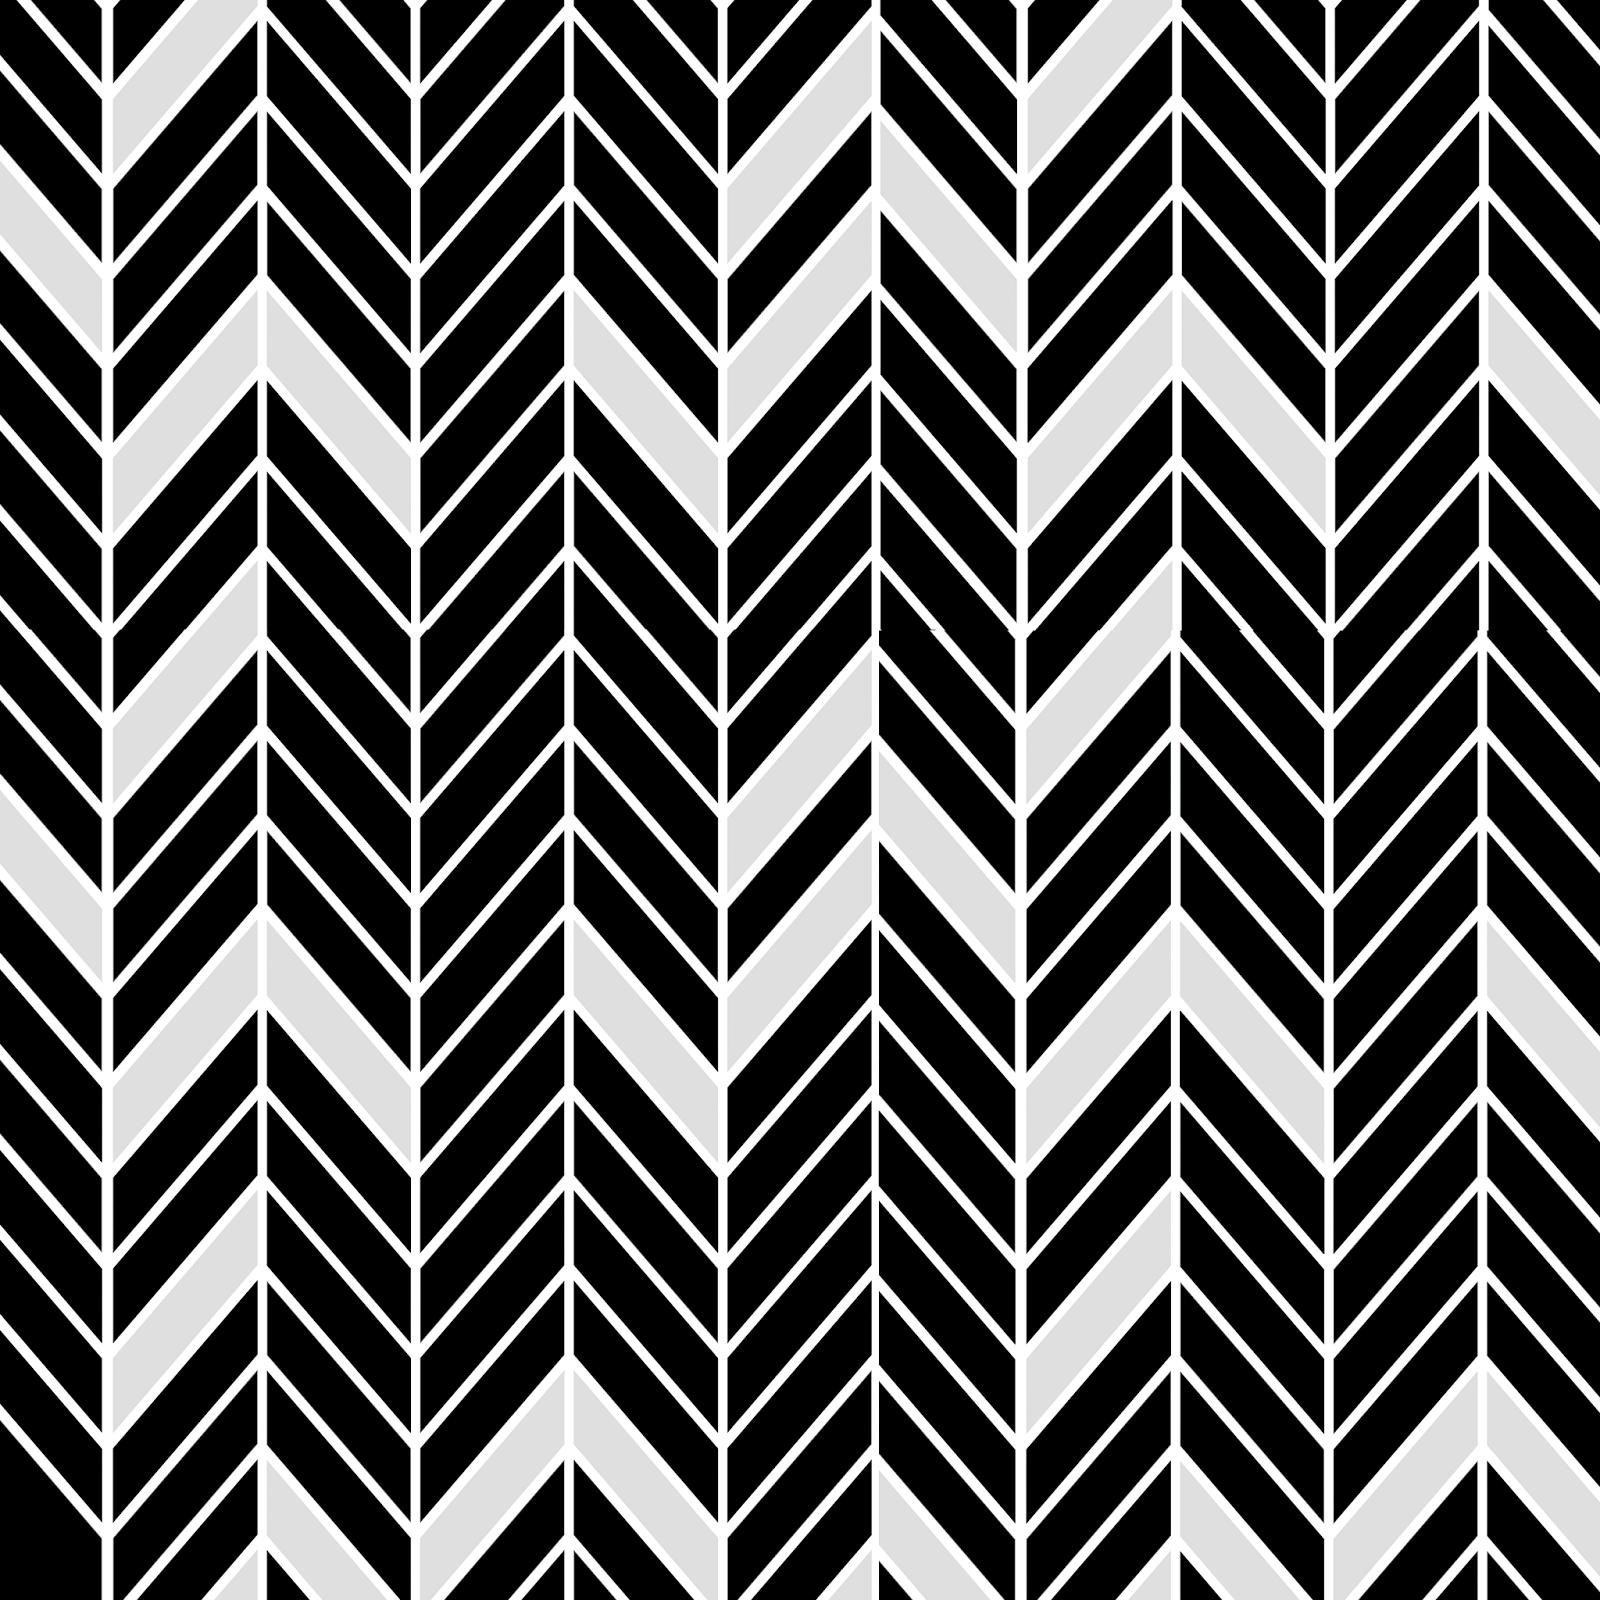 FREEBIES WEEK! Free Chevron Herringbone Background Wallpapers